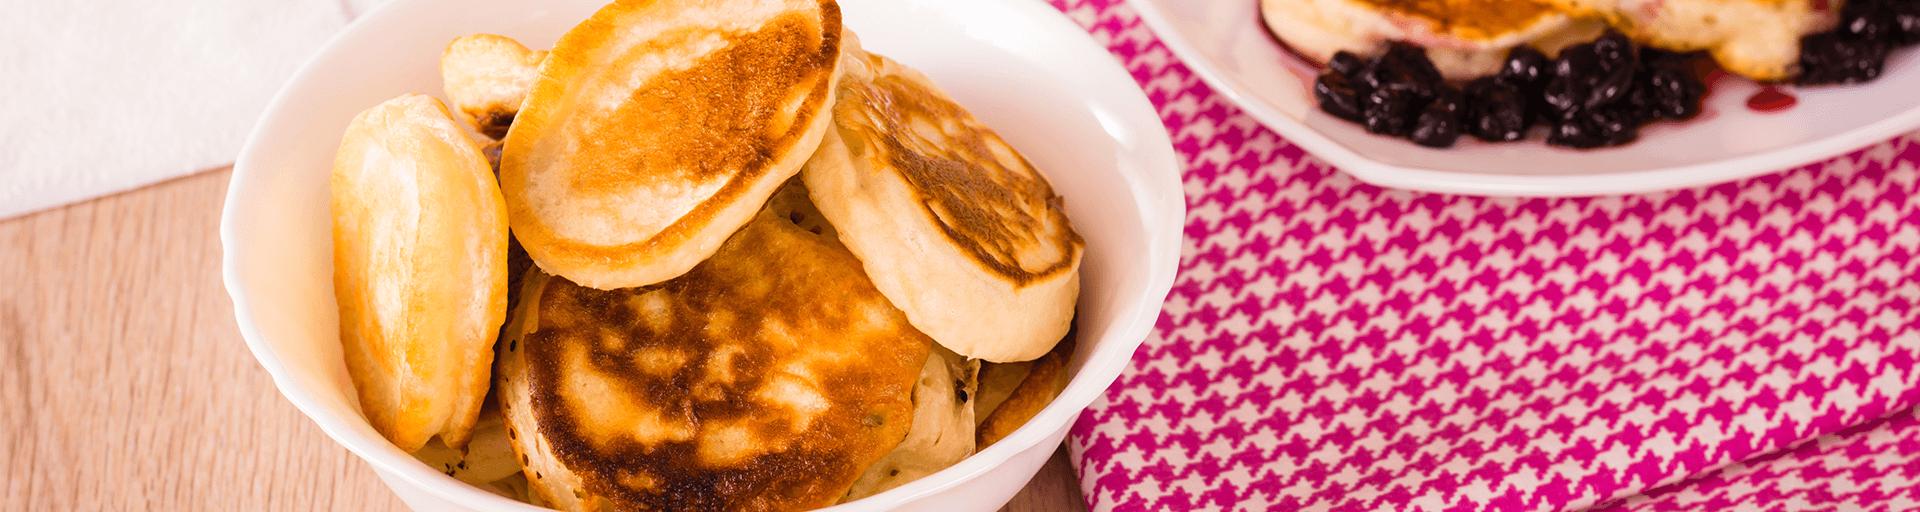 Пышные оладьи без яиц и соды на простокваше, дрожжевые оладьи без яиц - рецепты